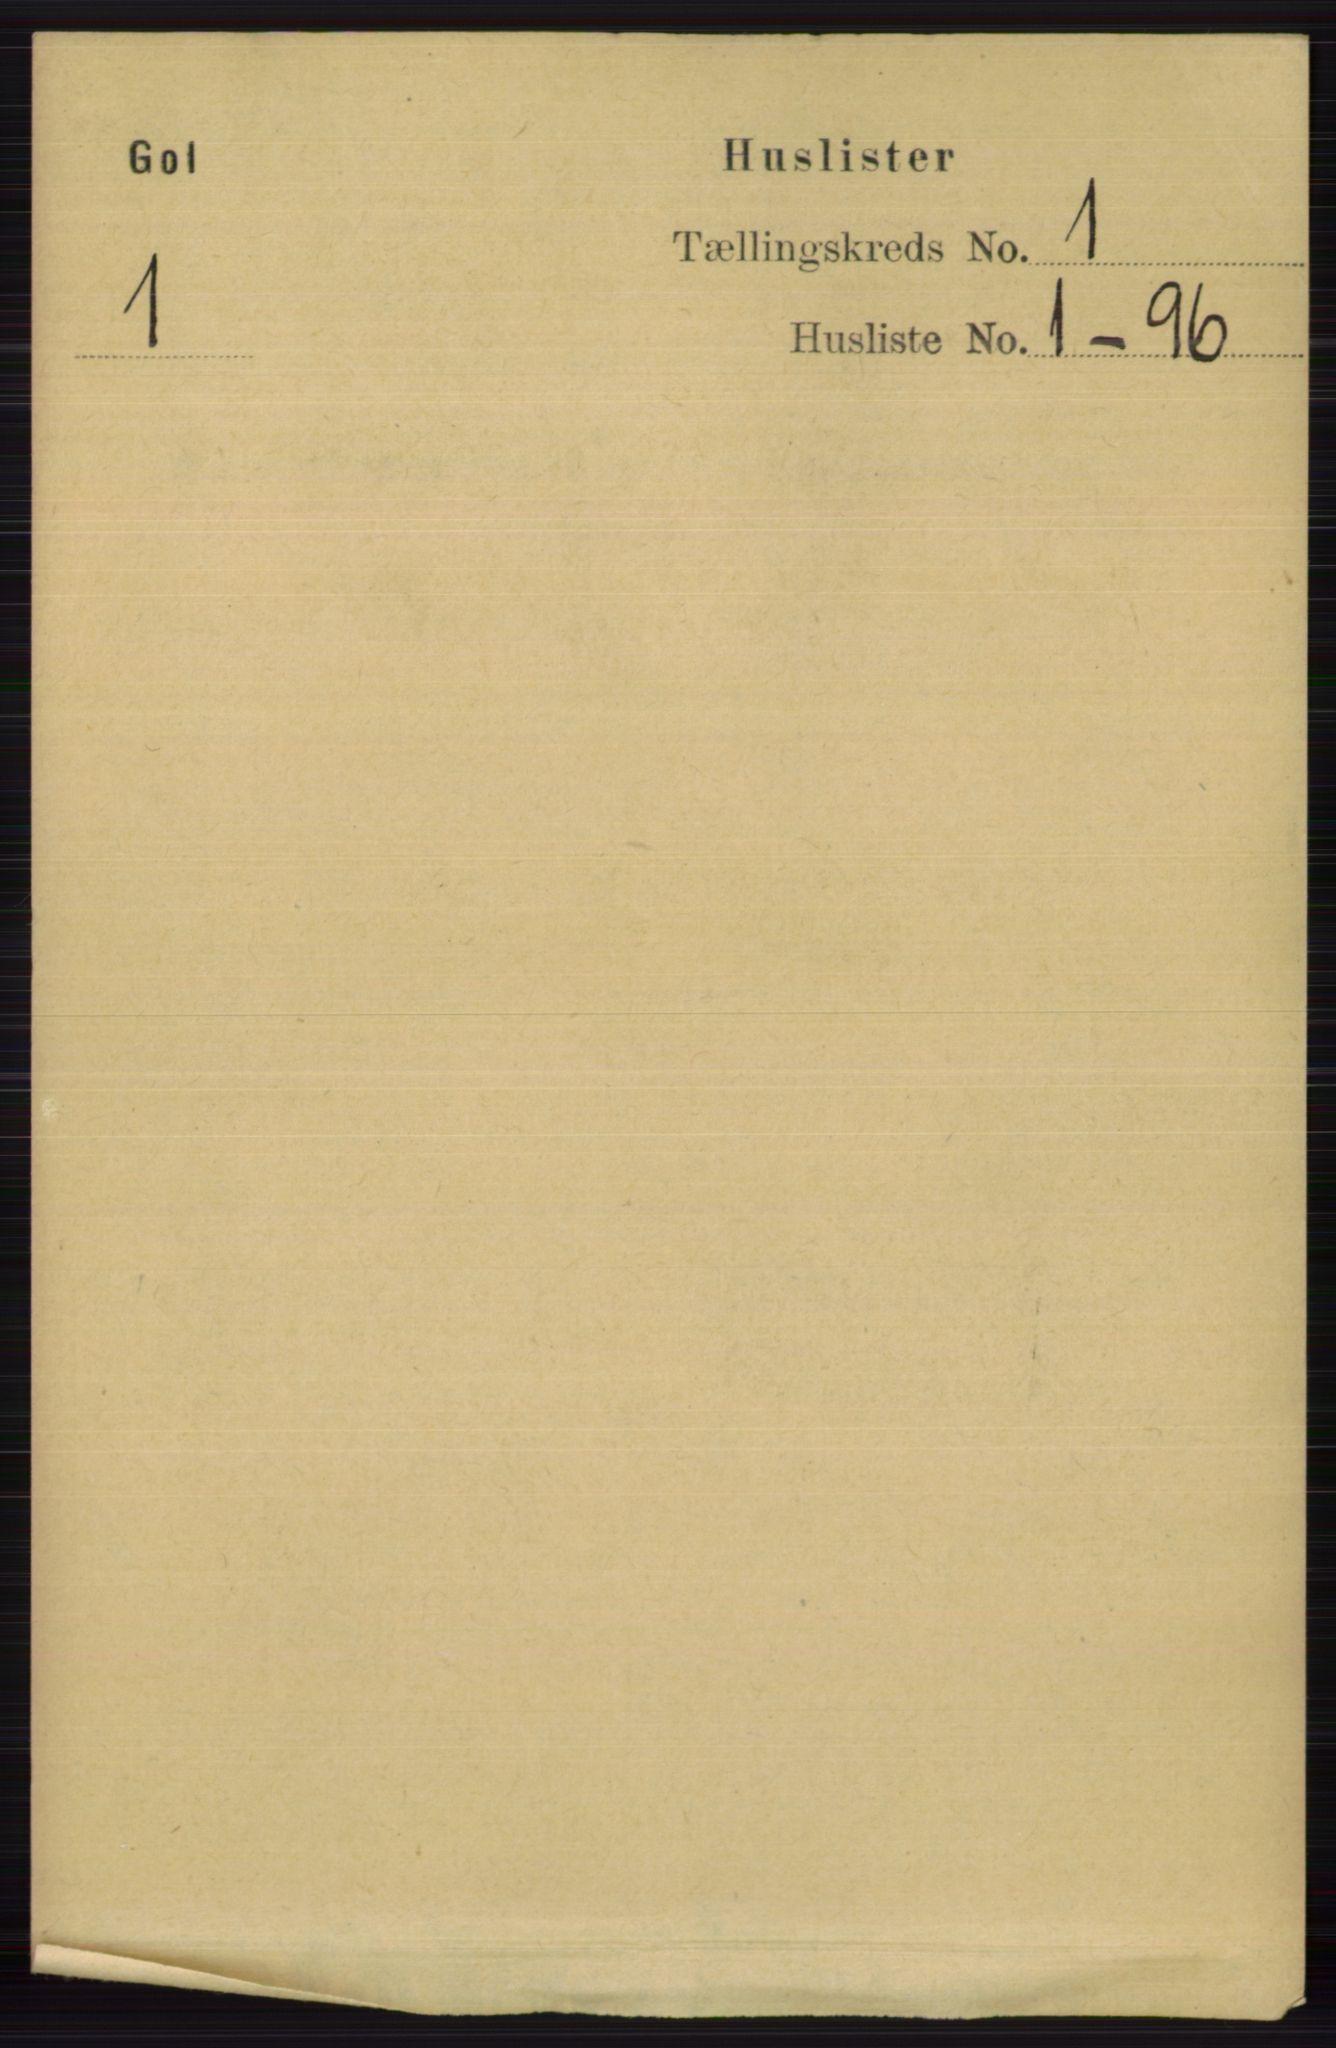 RA, Folketelling 1891 for 0617 Gol og Hemsedal herred, 1891, s. 27